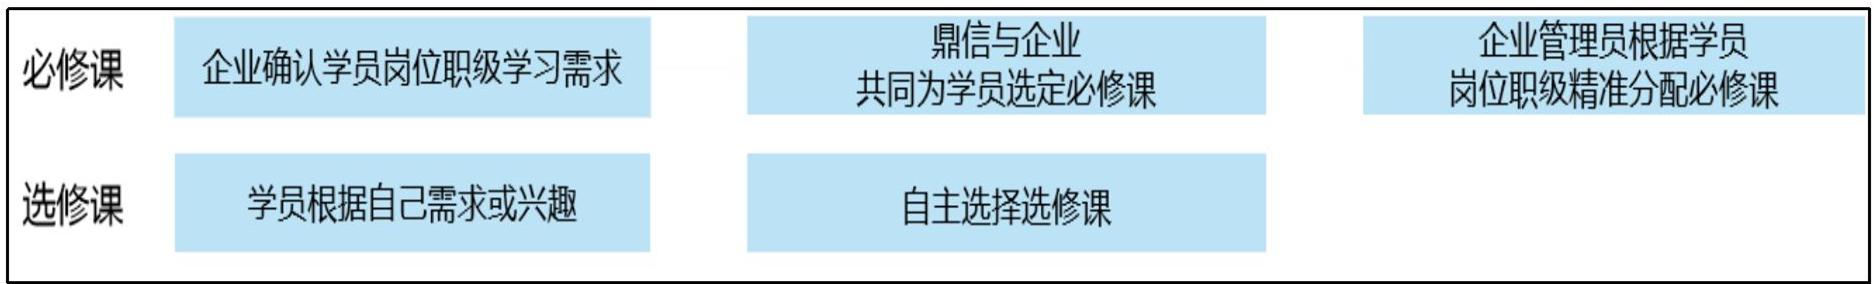 2021线上学习卡(杜鹃花)